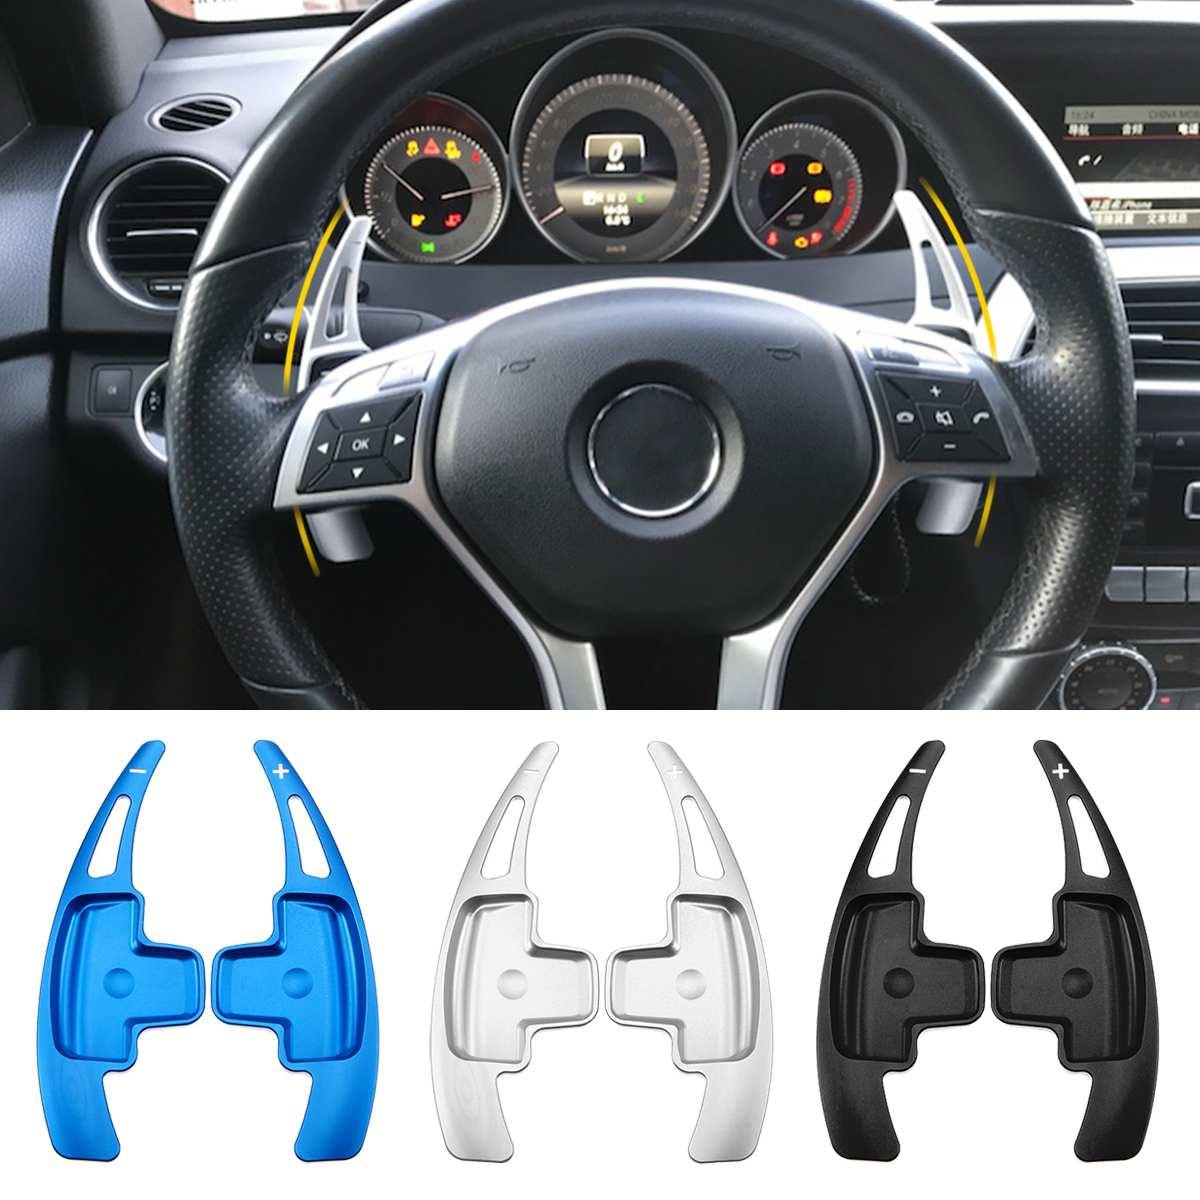 Aluminium Auto Stuurwiel Shift Paddle Shifter Uitbreiding Voor Benz W176 W205 W212 W222 W246 C117 W218 X156